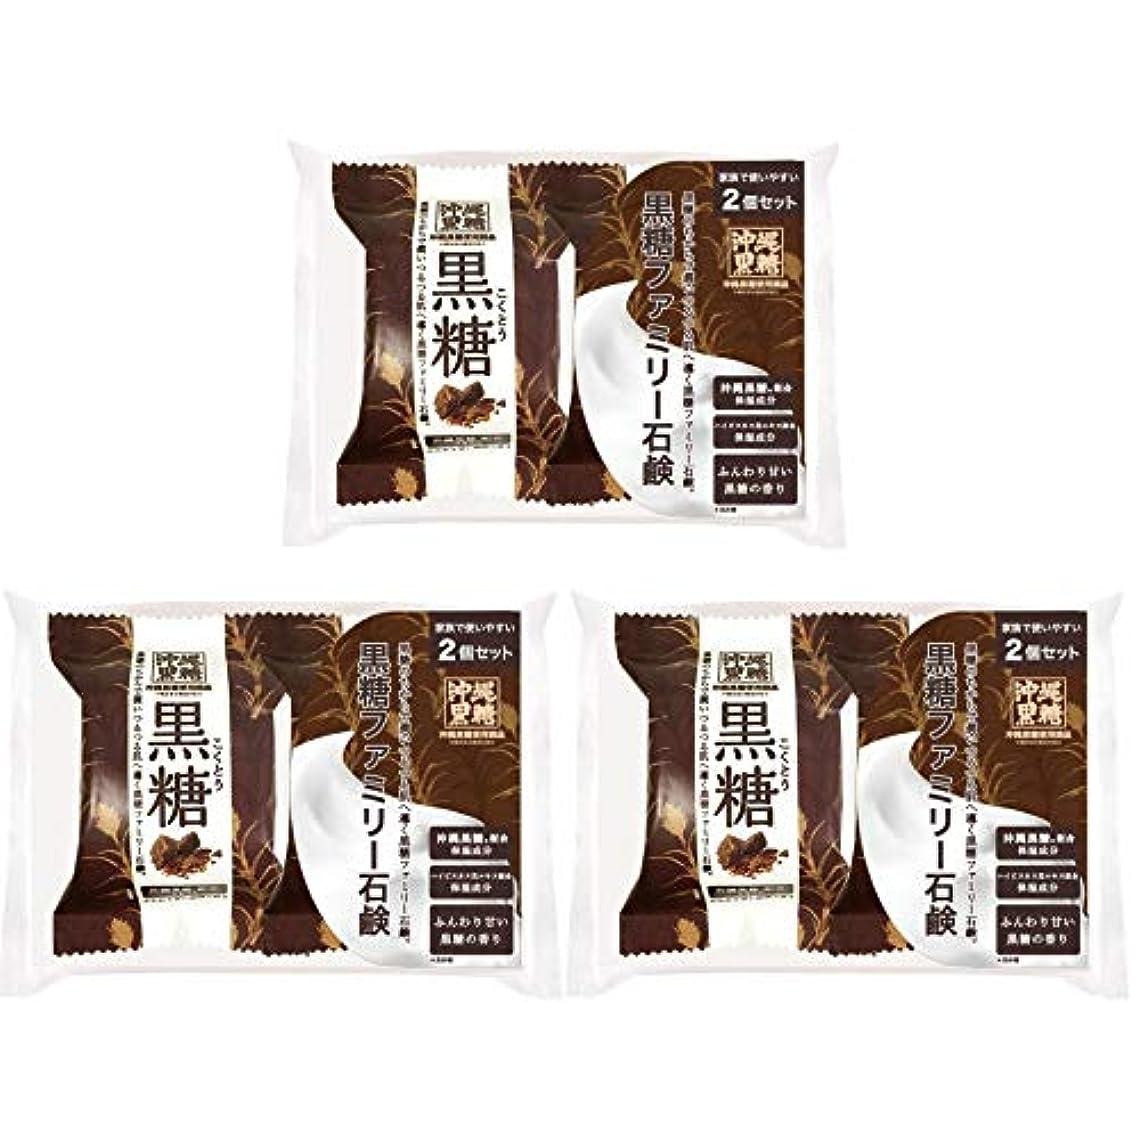 汚染されたもつれ思想【3個セット】ペリカン石鹸 ファミリー黒糖石鹸 80g×2個